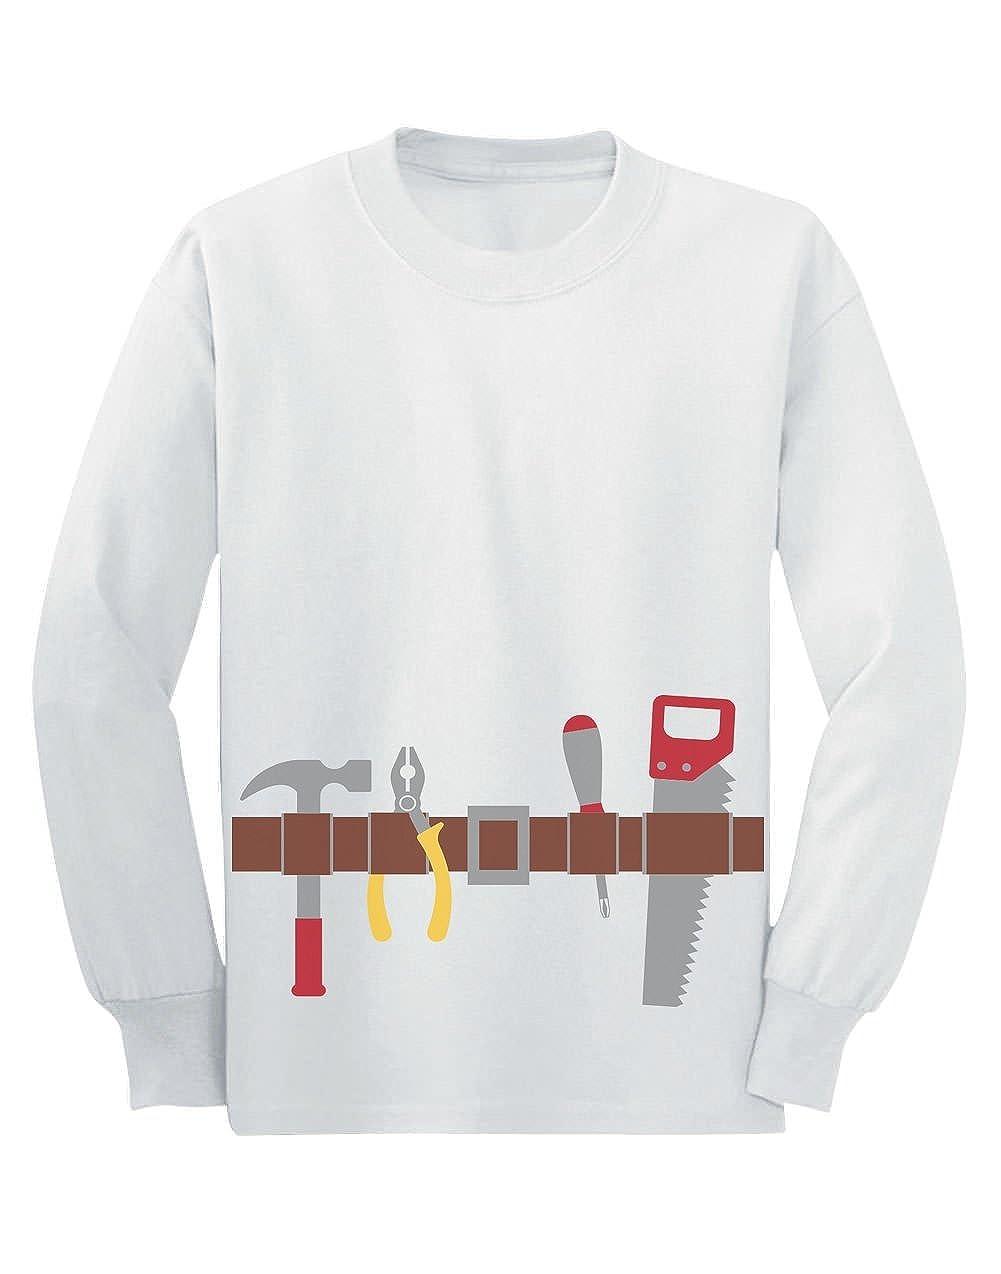 Camiseta de Manga Larga para niños - Handyman Costume - Sencillo ...